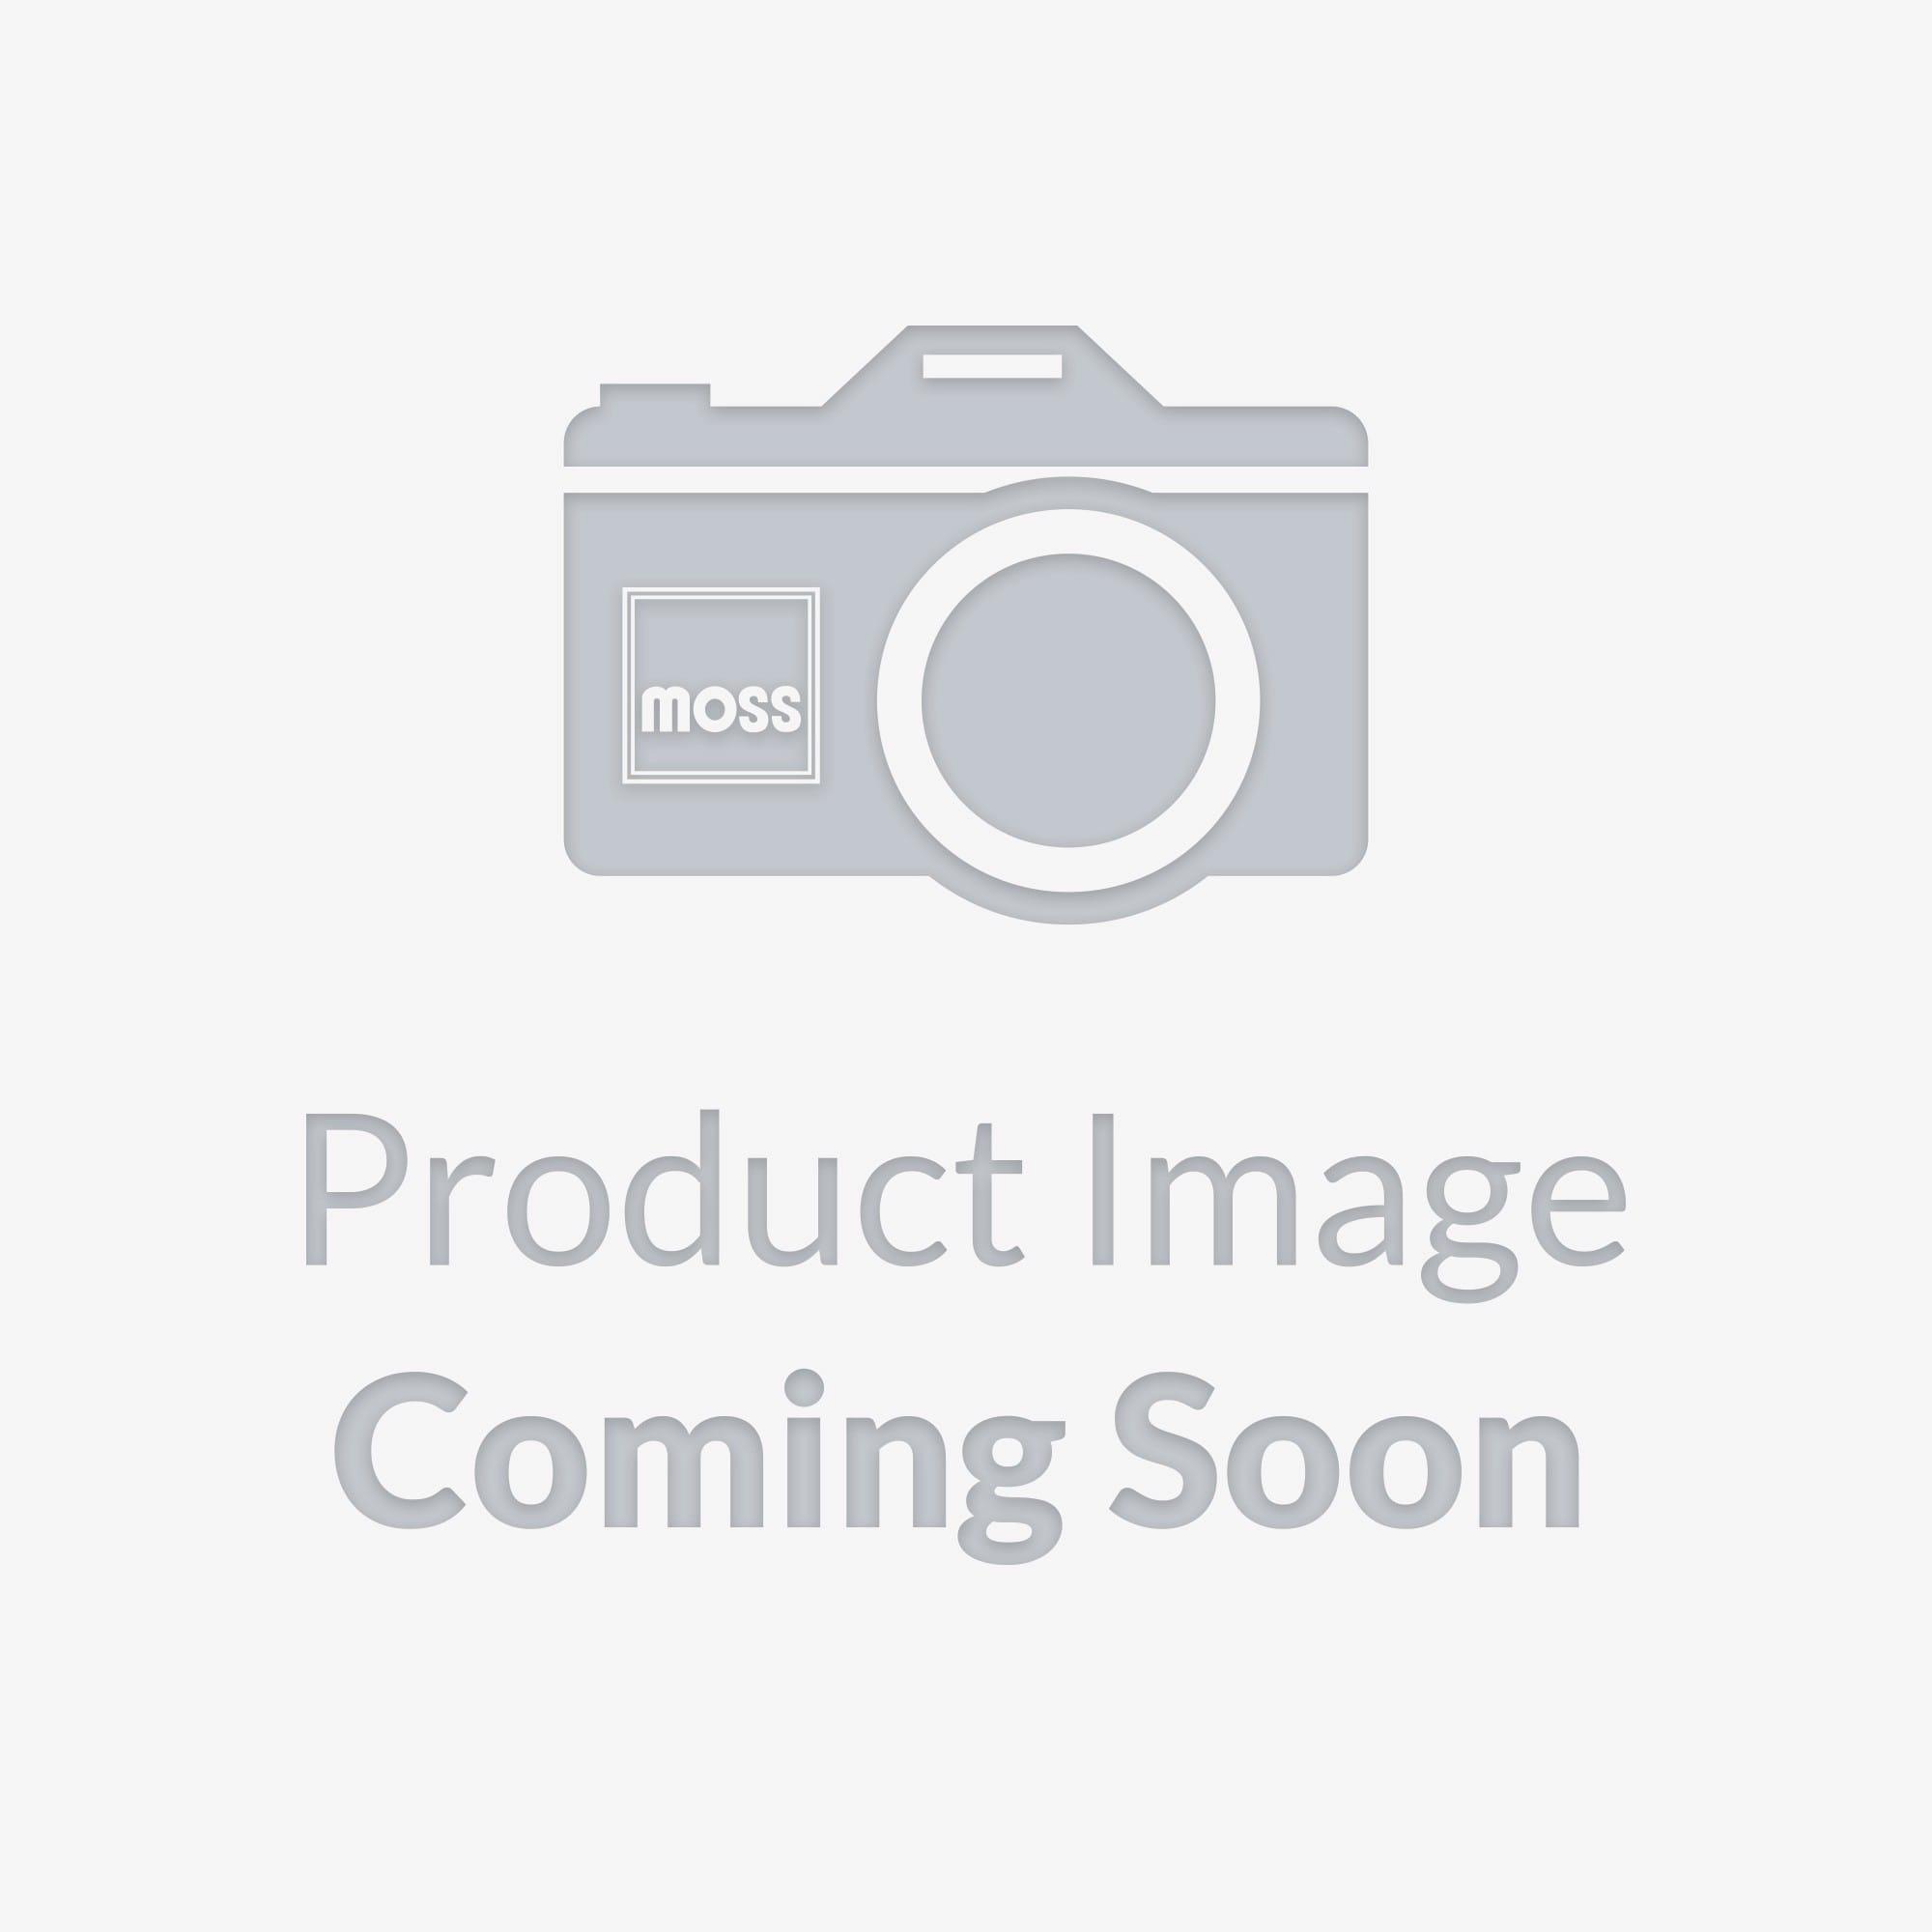 DOT4 Brake Fluid By Castrol